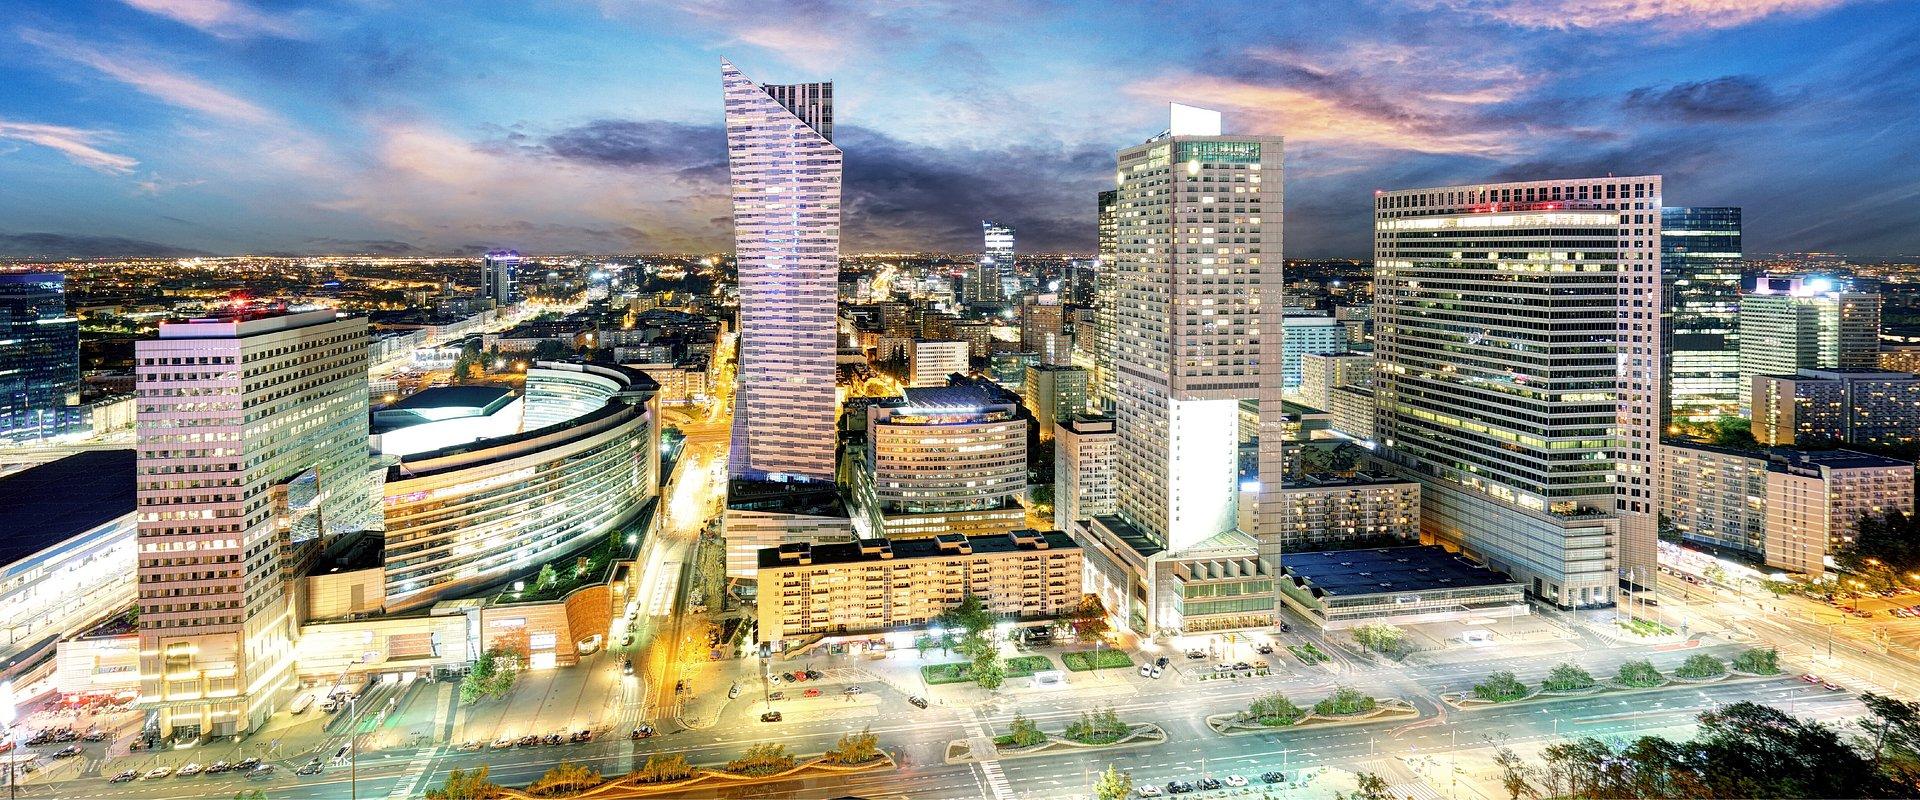 W centrum stolicy zostało już tylko 5% wolnych biur, a zainteresowanie nie maleje